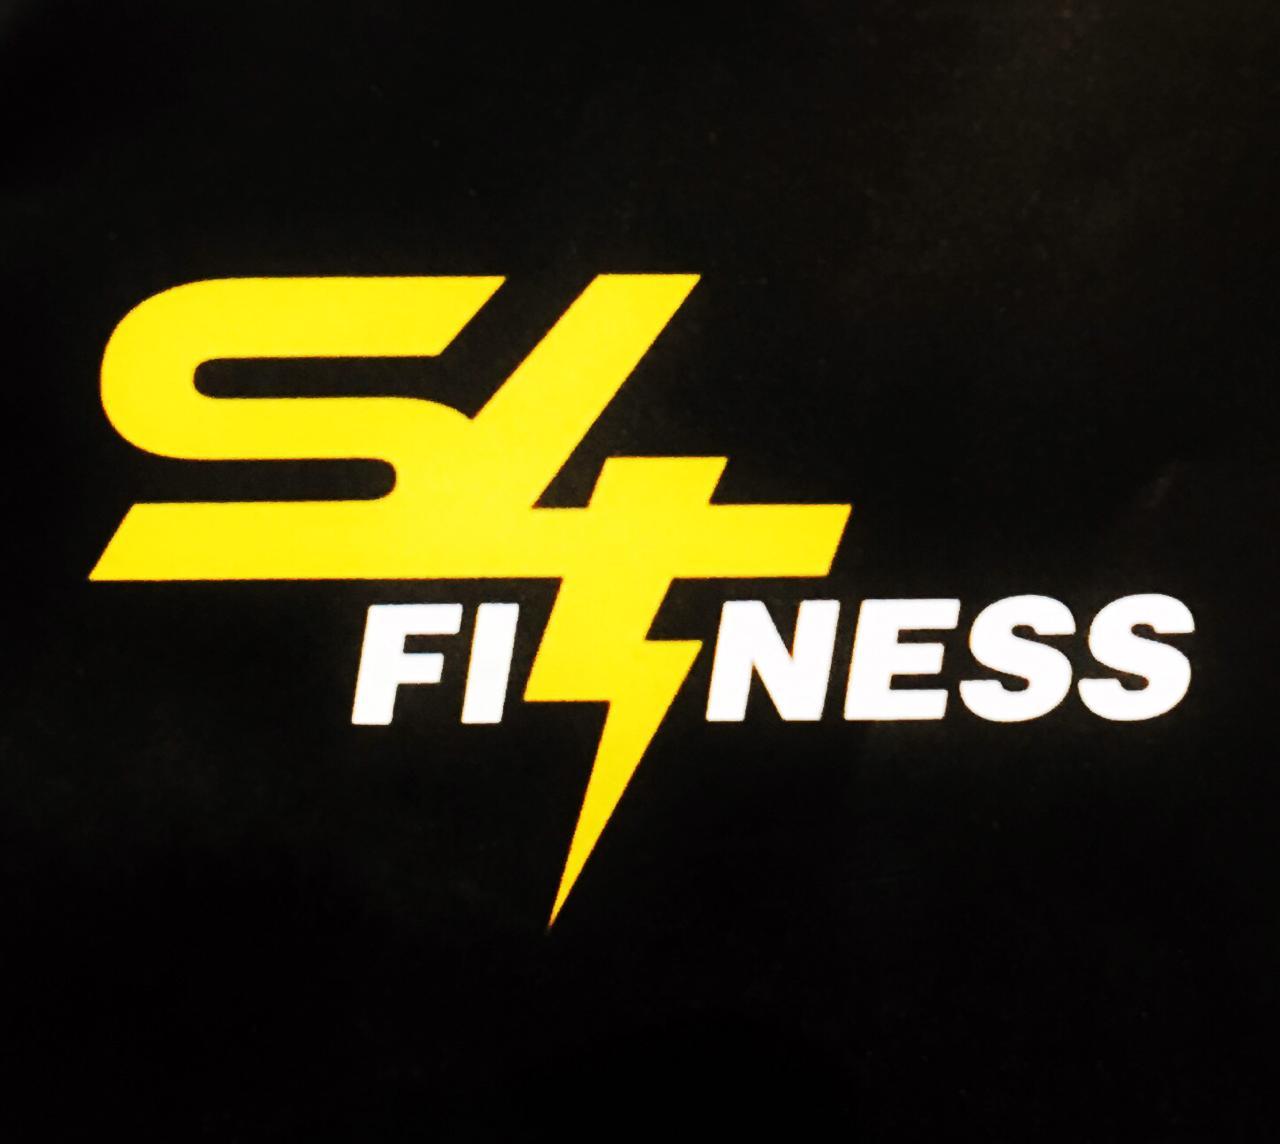 S4 Fitness